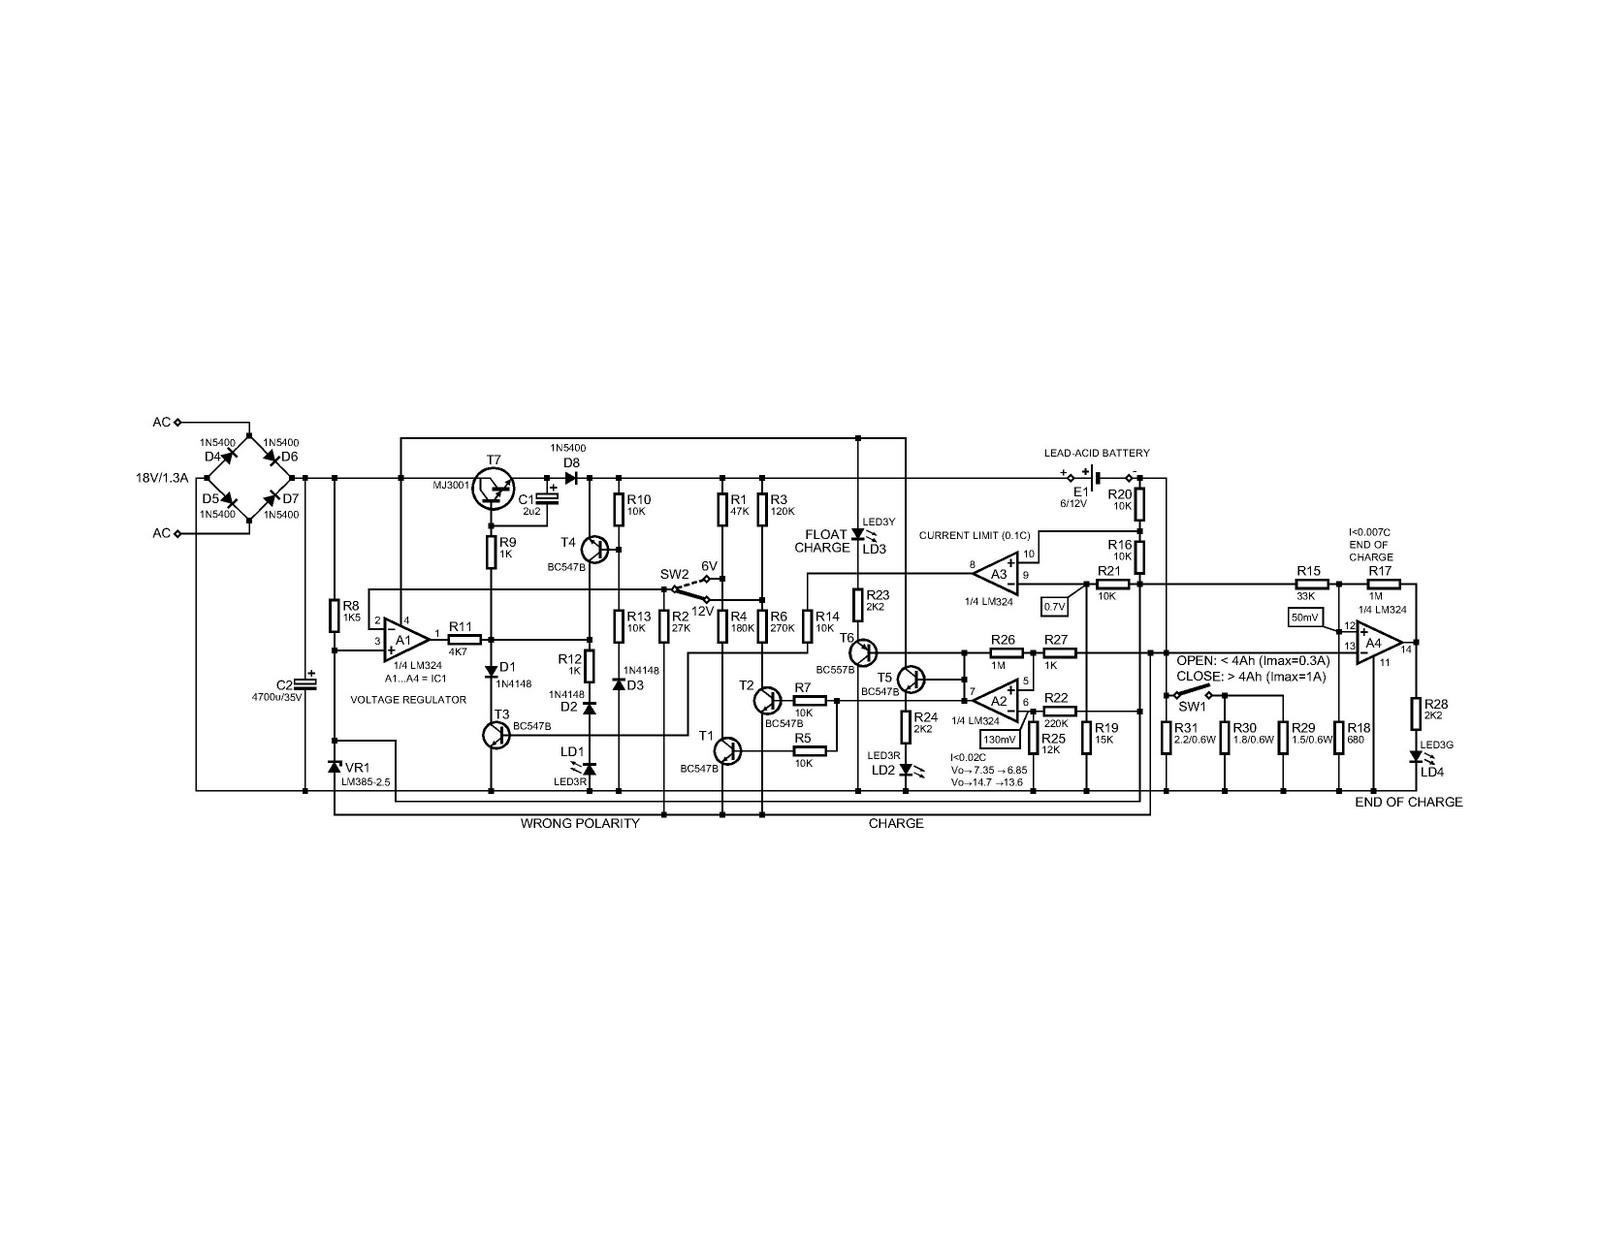 1990 ezgo marathon wiring diagram old style bt master socket 48 volt charger circuit schematic